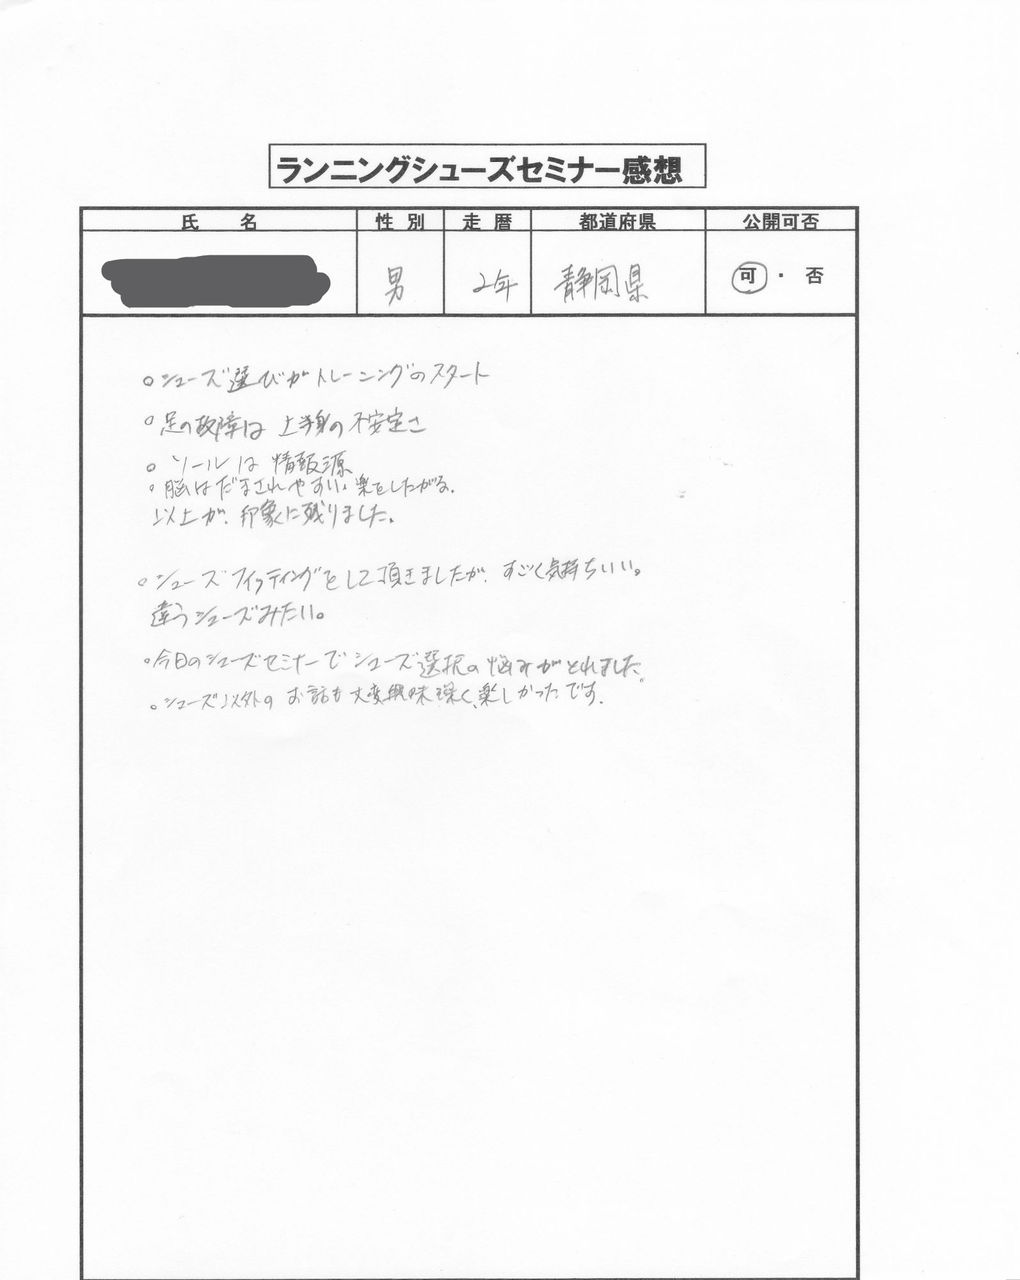 2012年6月東京・静岡セミナー感想_0010_copy